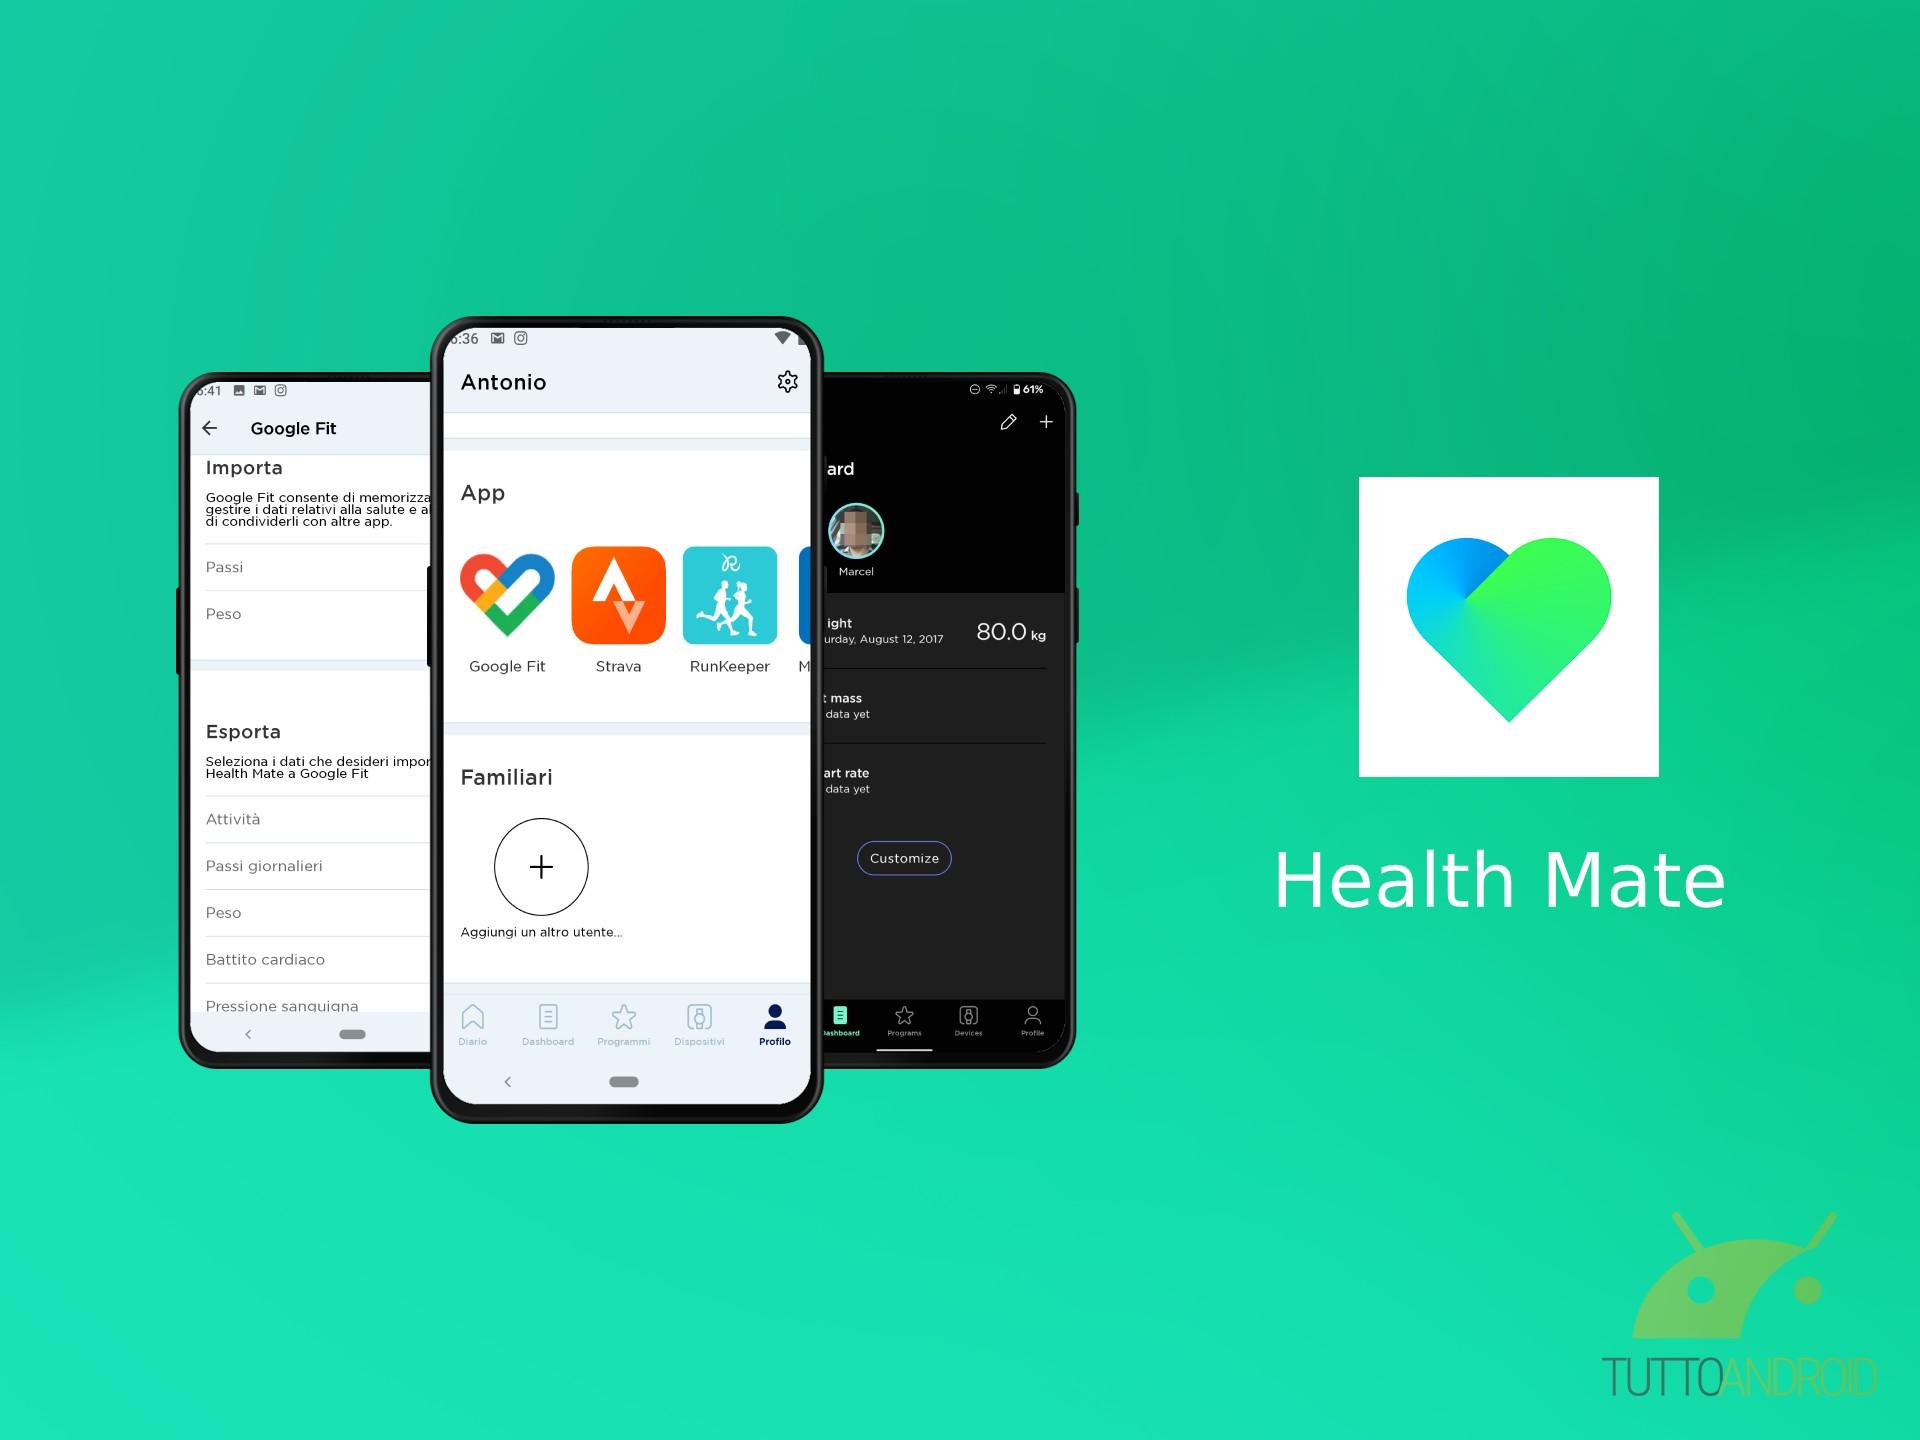 L'app Health Mate ottiene la modalità scura e la sincronizza